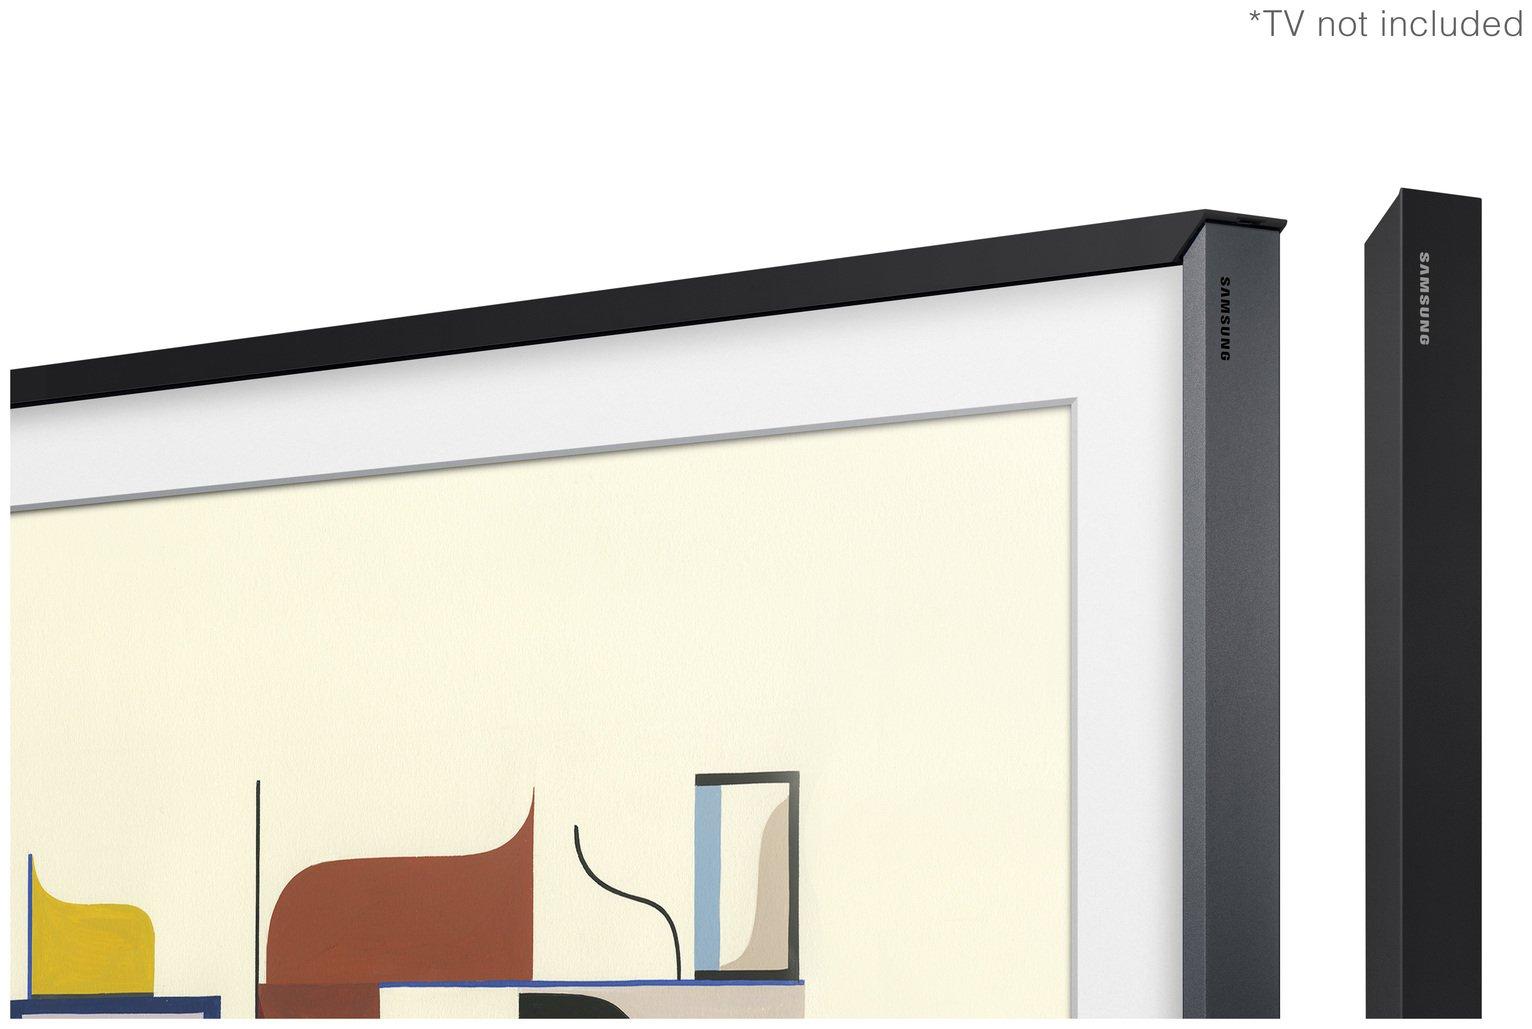 Samsung Customisable Bezel for The Frame 65 Inch TV - Black